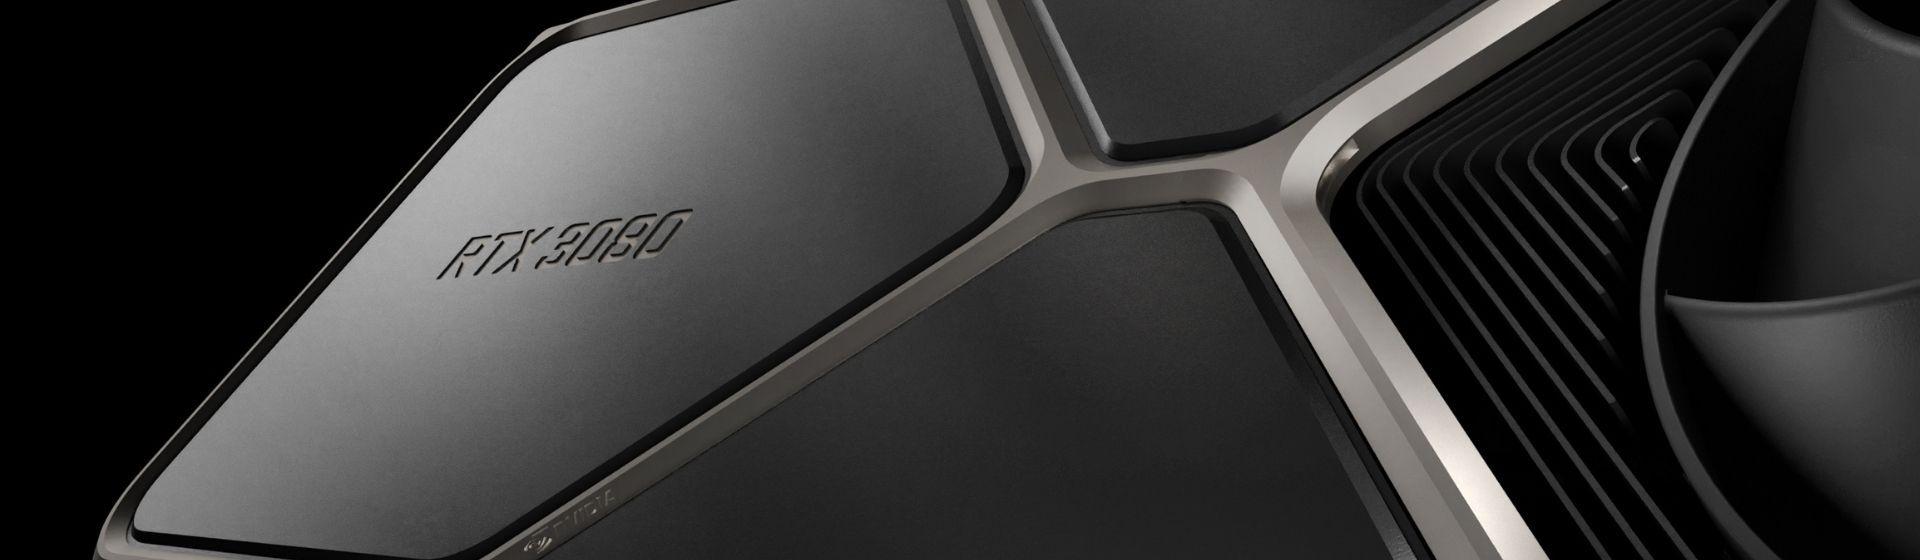 NVIDIA pode lançar série RTX 30 para notebooks em 2021, aponta rumor